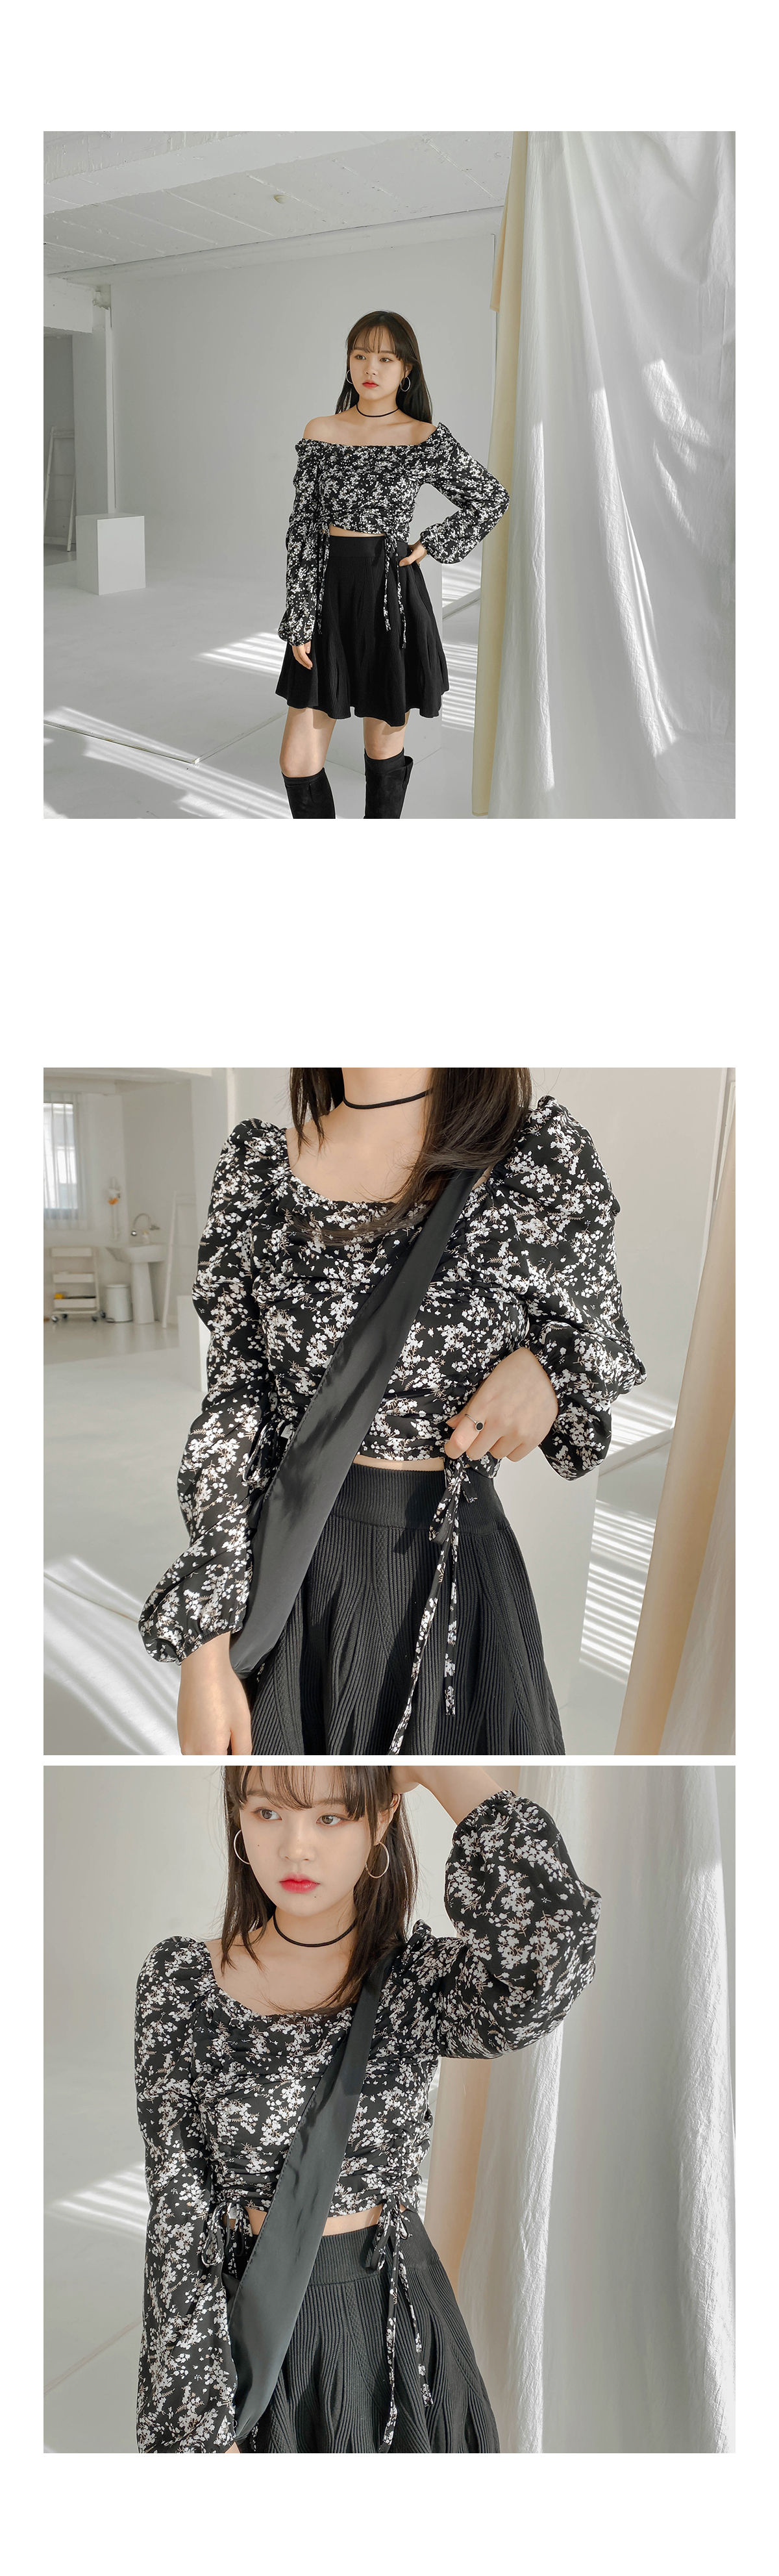 String lash chiffon blouse